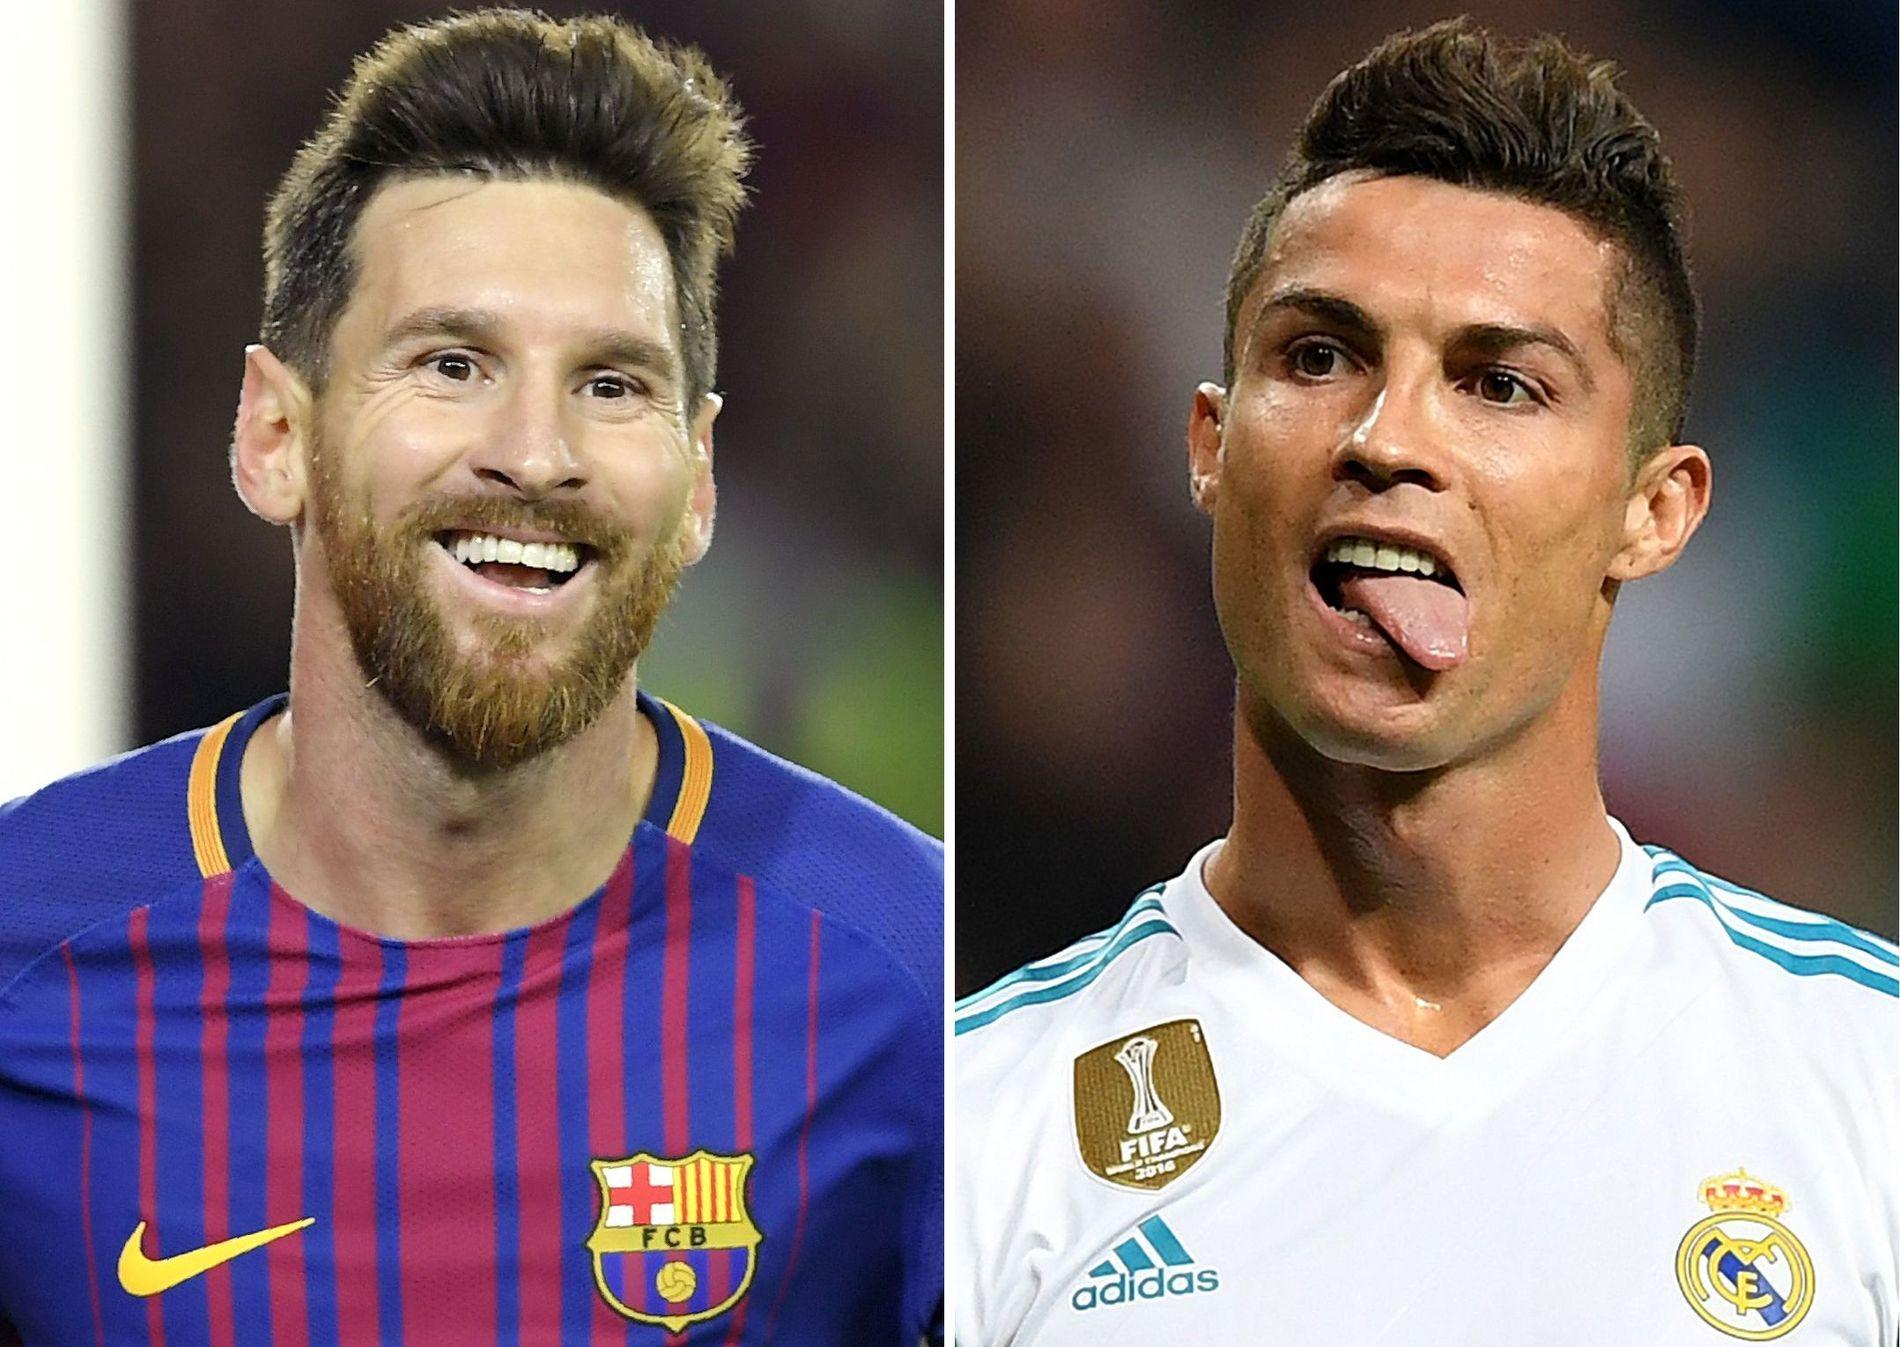 SLÅTT AV NEYMAR: Lionel Messi (t.v.) og Cristiano Ronaldo har de siste årene kriget om å bli kåret til verdens beste fotballspiller. Men hverken er verdens mest verdifulle, ifølge rapporten til CIES.